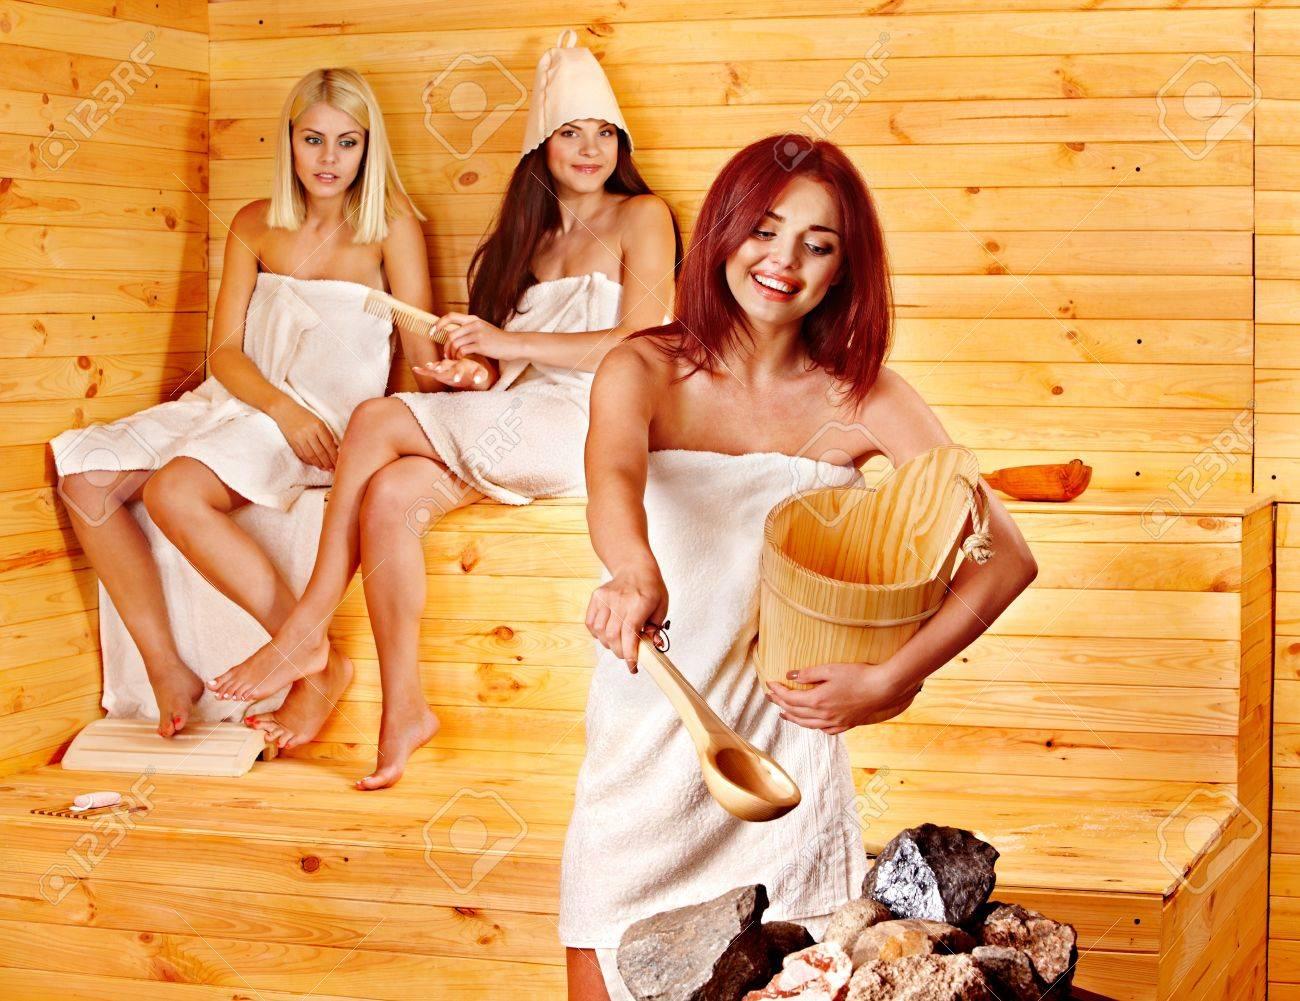 Смотреть онлайн с мамой в бане, В бане с мамой - 62 видео. Смотреть в бане с мамой 21 фотография